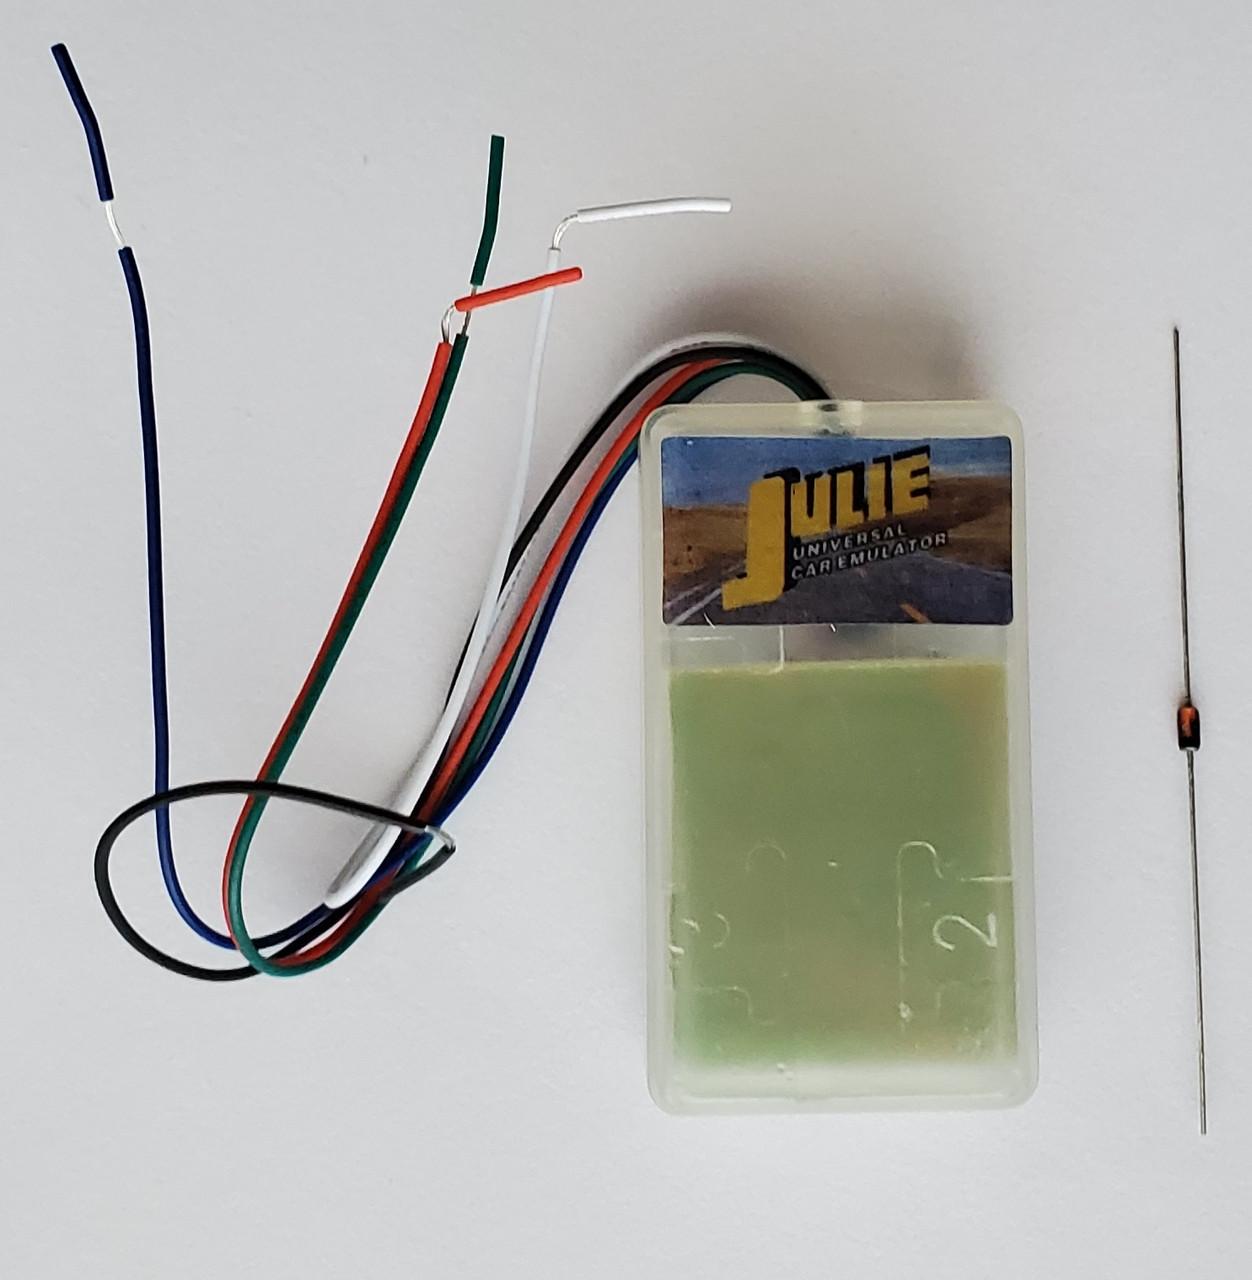 JULIE / SQU OF68 Universal Emulator - IMMO эмулятор, Эмулятор датчика пассажира